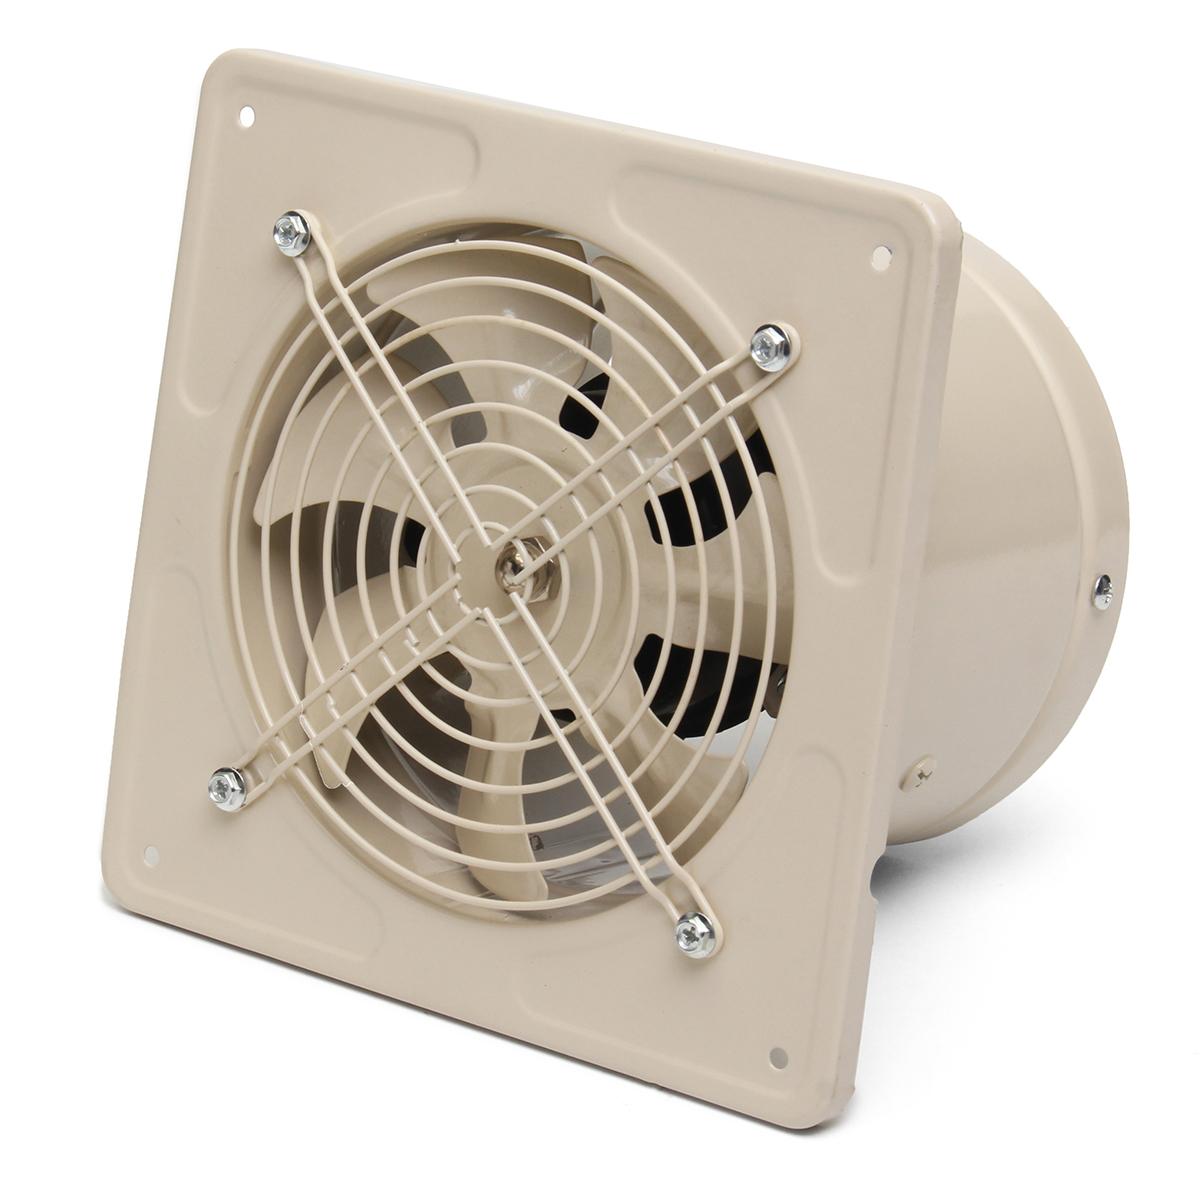 220v 40w ventilation fan 6 inch wall mounted window - Wall mounted exhaust fan for bathroom ...